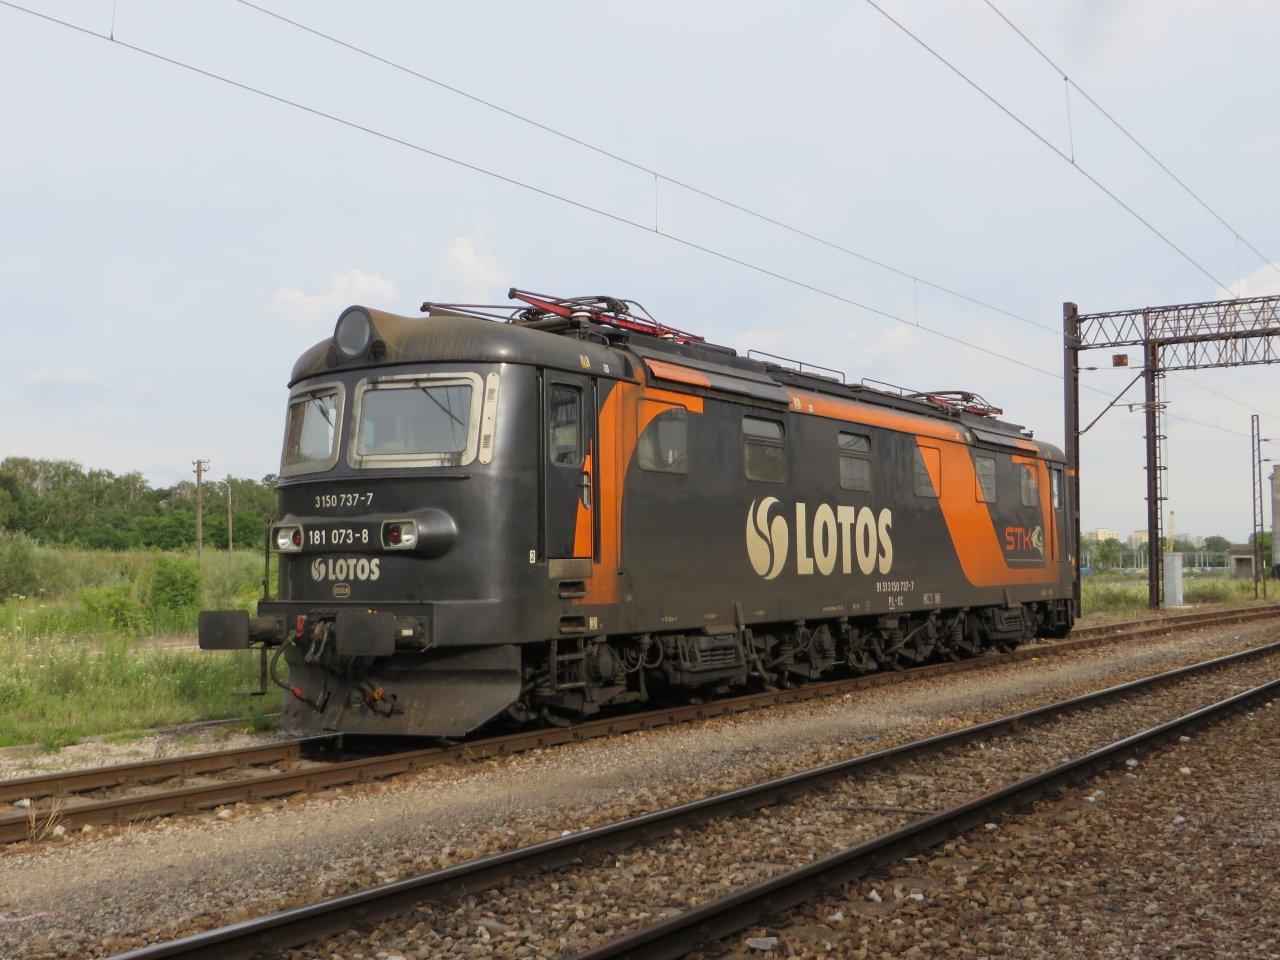 1407.JPG